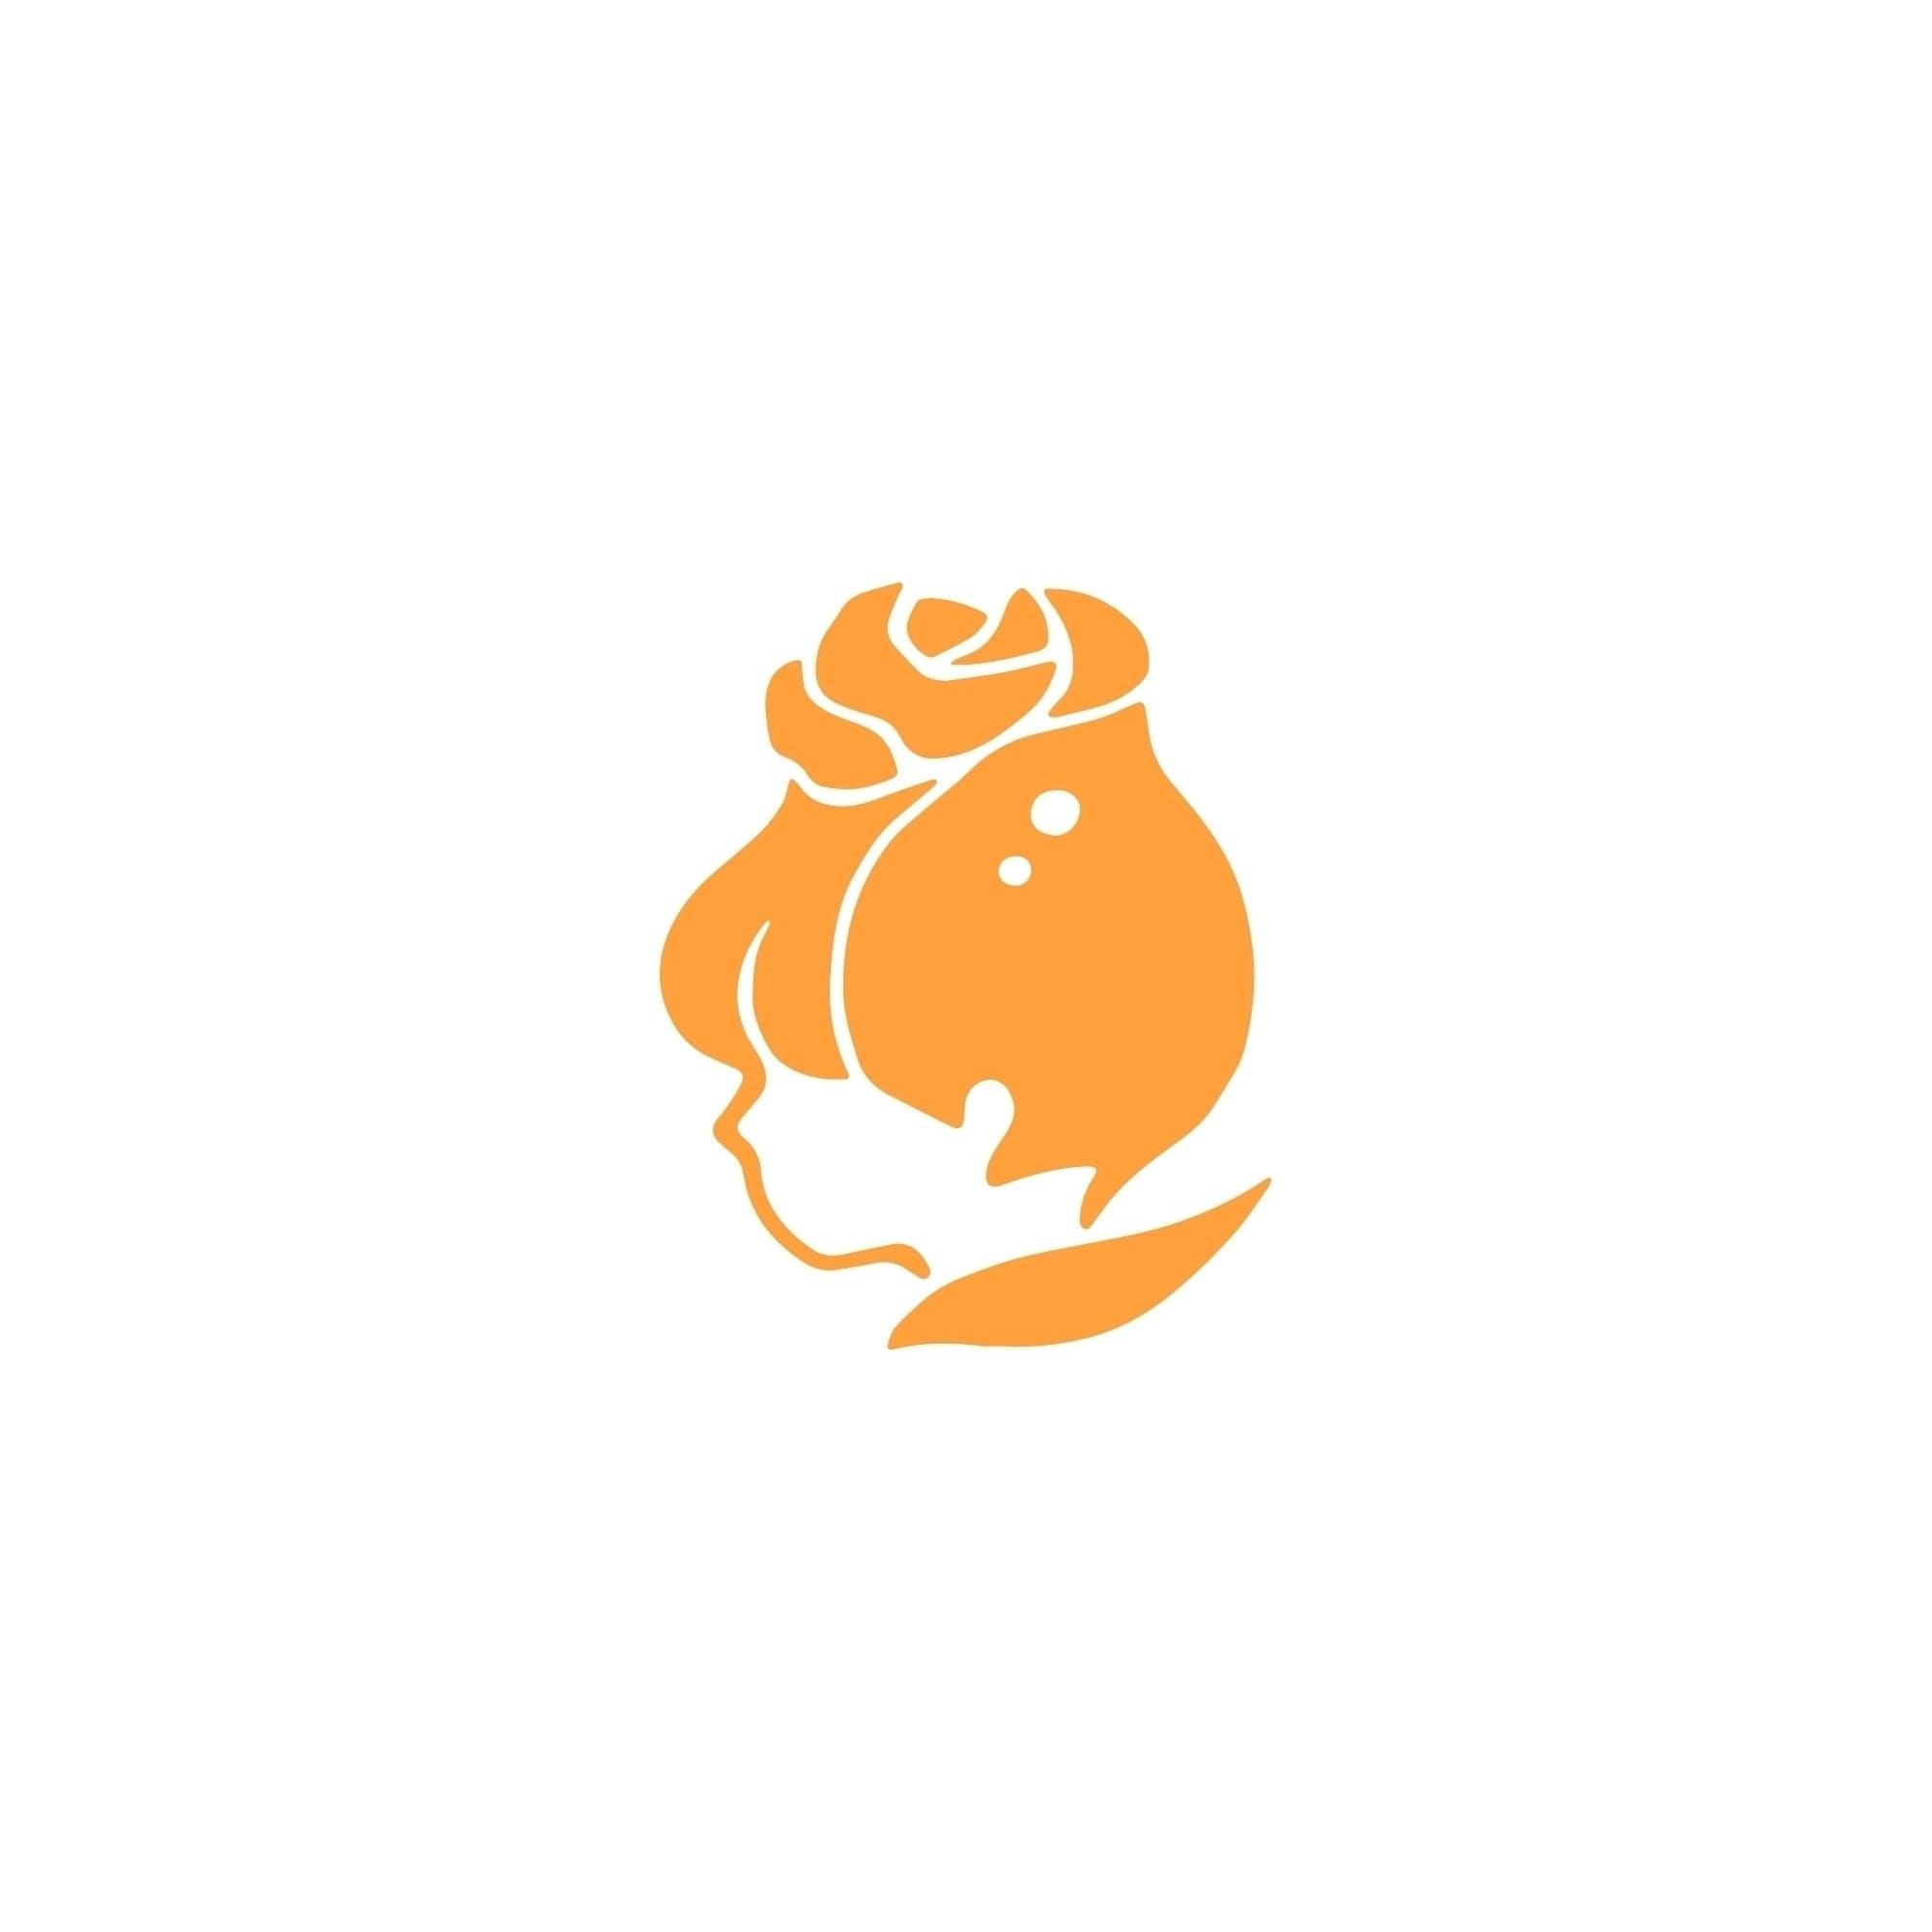 ロゴ完成版 180916 0028